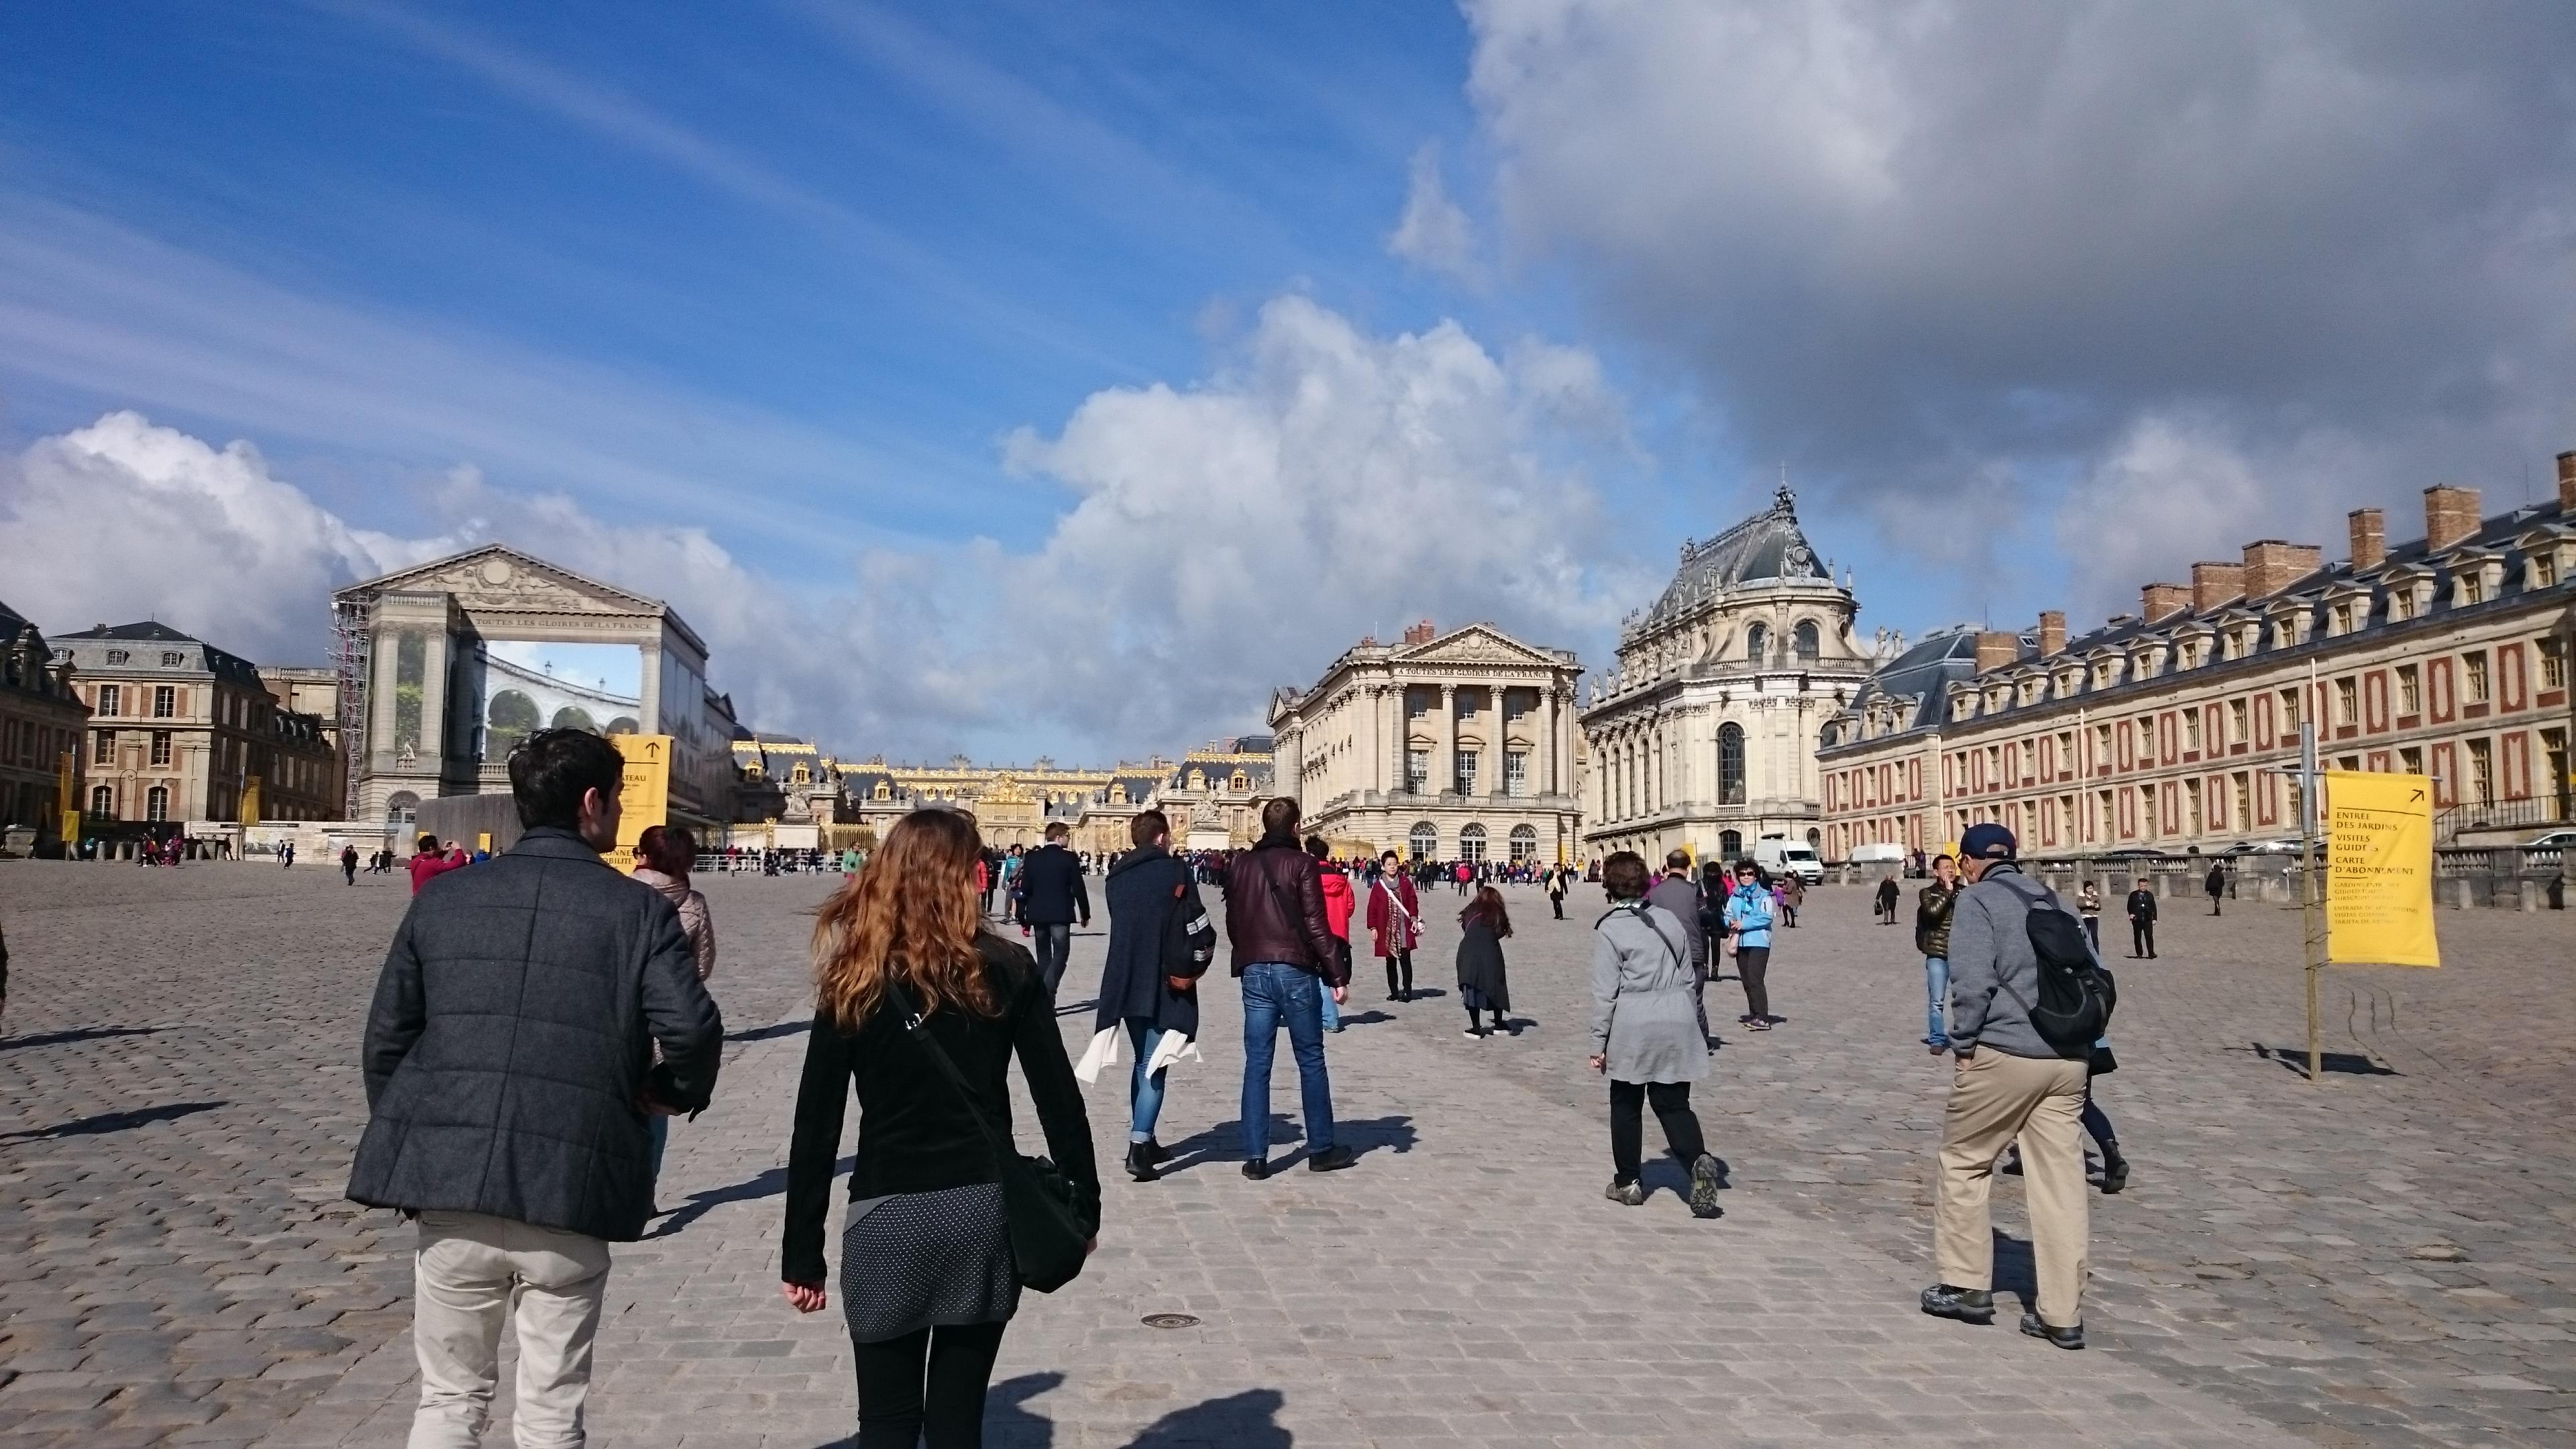 dsc 11431 - Visita al Palacio de Versalles: Como ir, cuanto cuesta y tips I/III